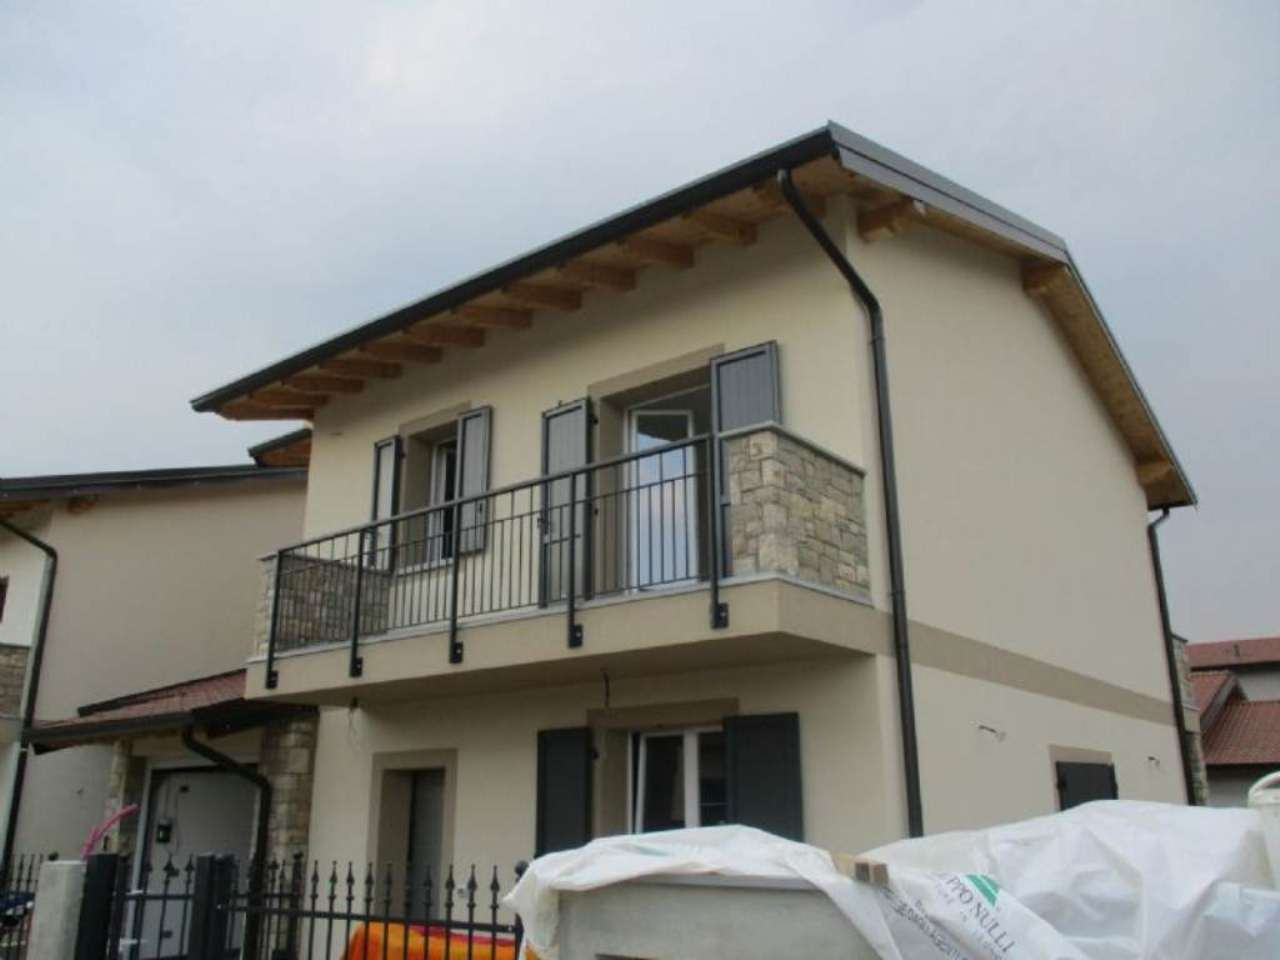 Appartamento in vendita a Mozzanica, 3 locali, prezzo € 178.000 | Cambio Casa.it